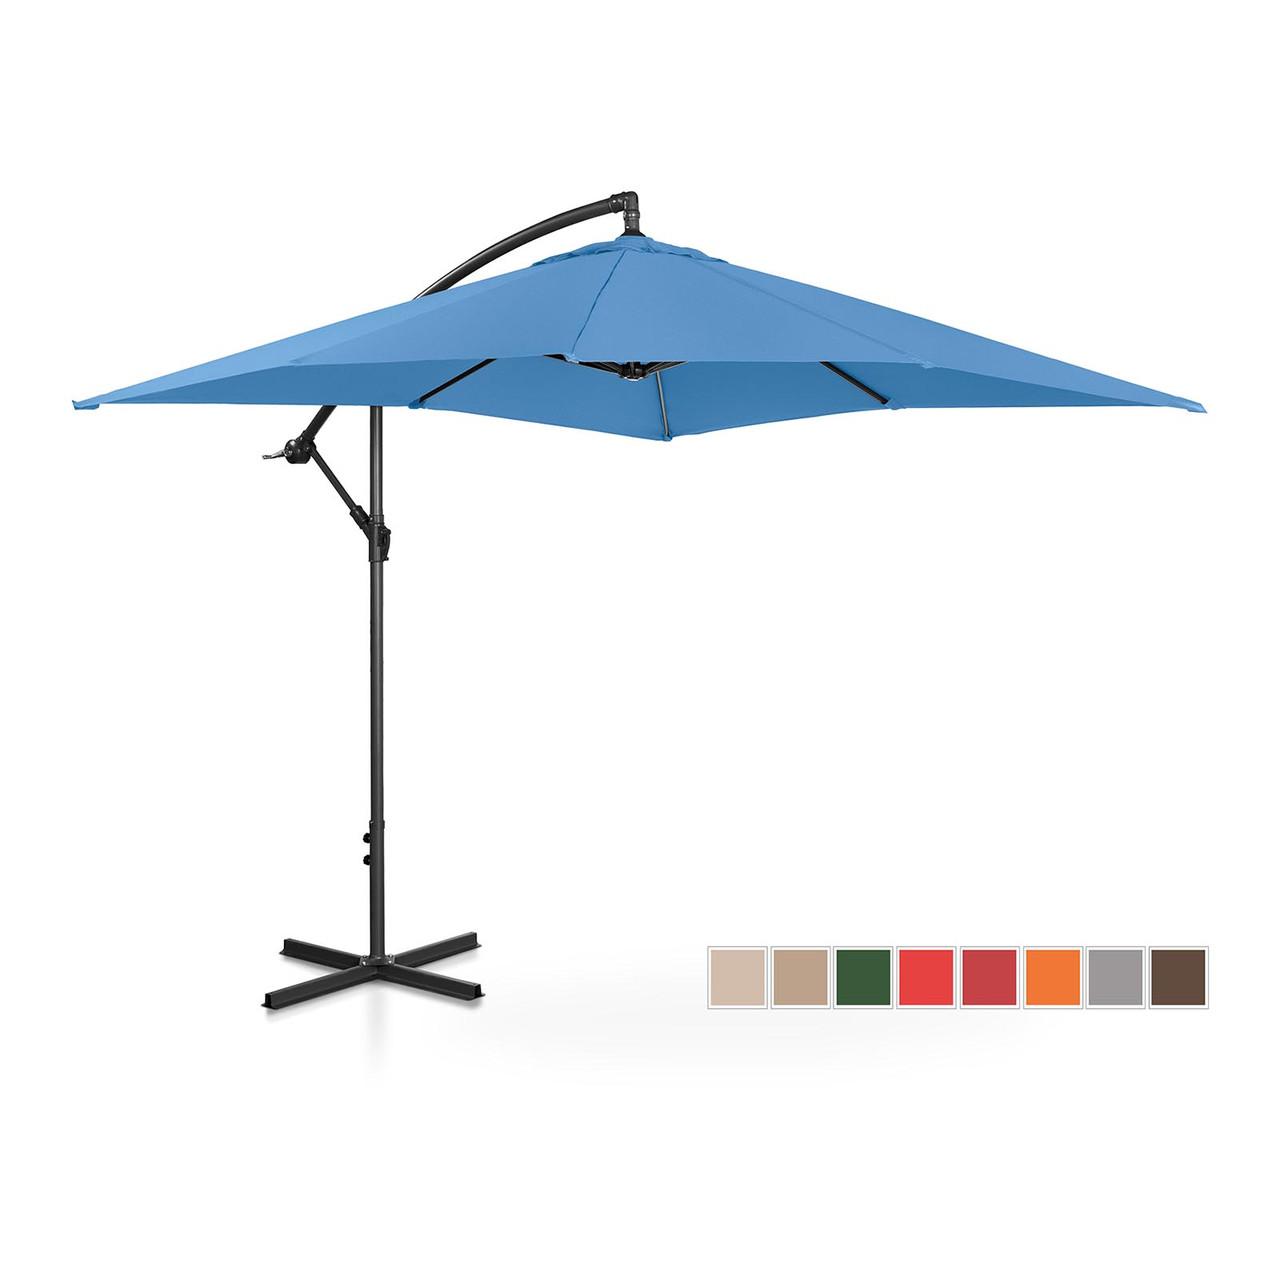 Подвесной садовый зонт - 250 x 250 см - синий Uniprodo Марка Европы